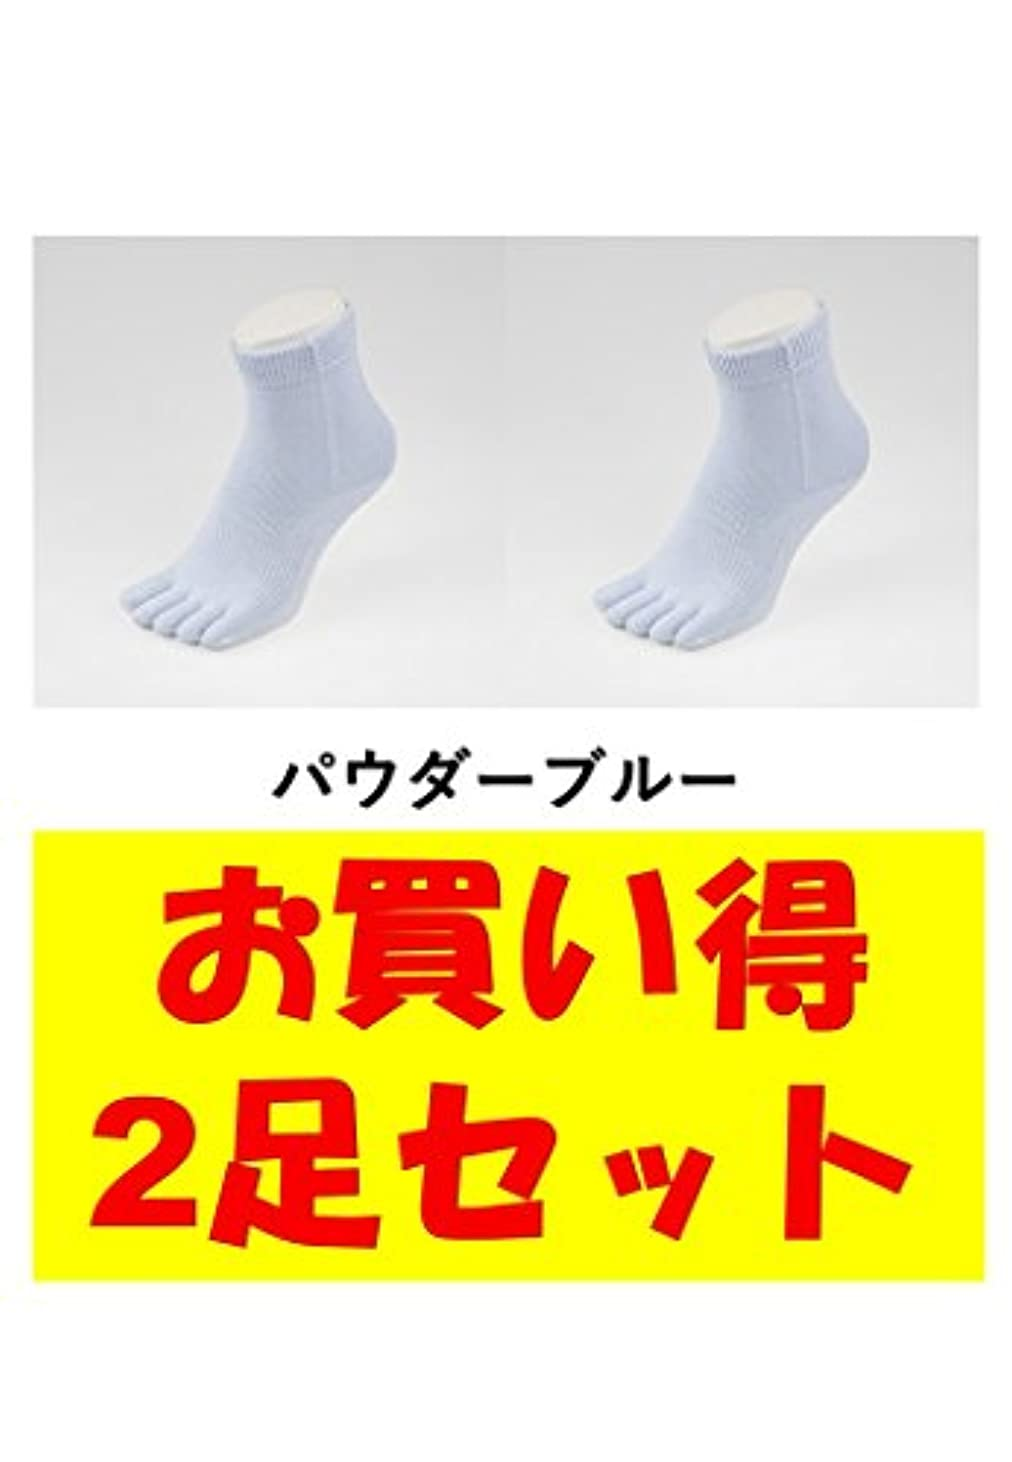 禁止パーセント加速するお買い得2足セット 5本指 ゆびのばソックス Neo EVE(イヴ) パウダーブルー iサイズ(23.5cm - 25.5cm) YSNEVE-PBL